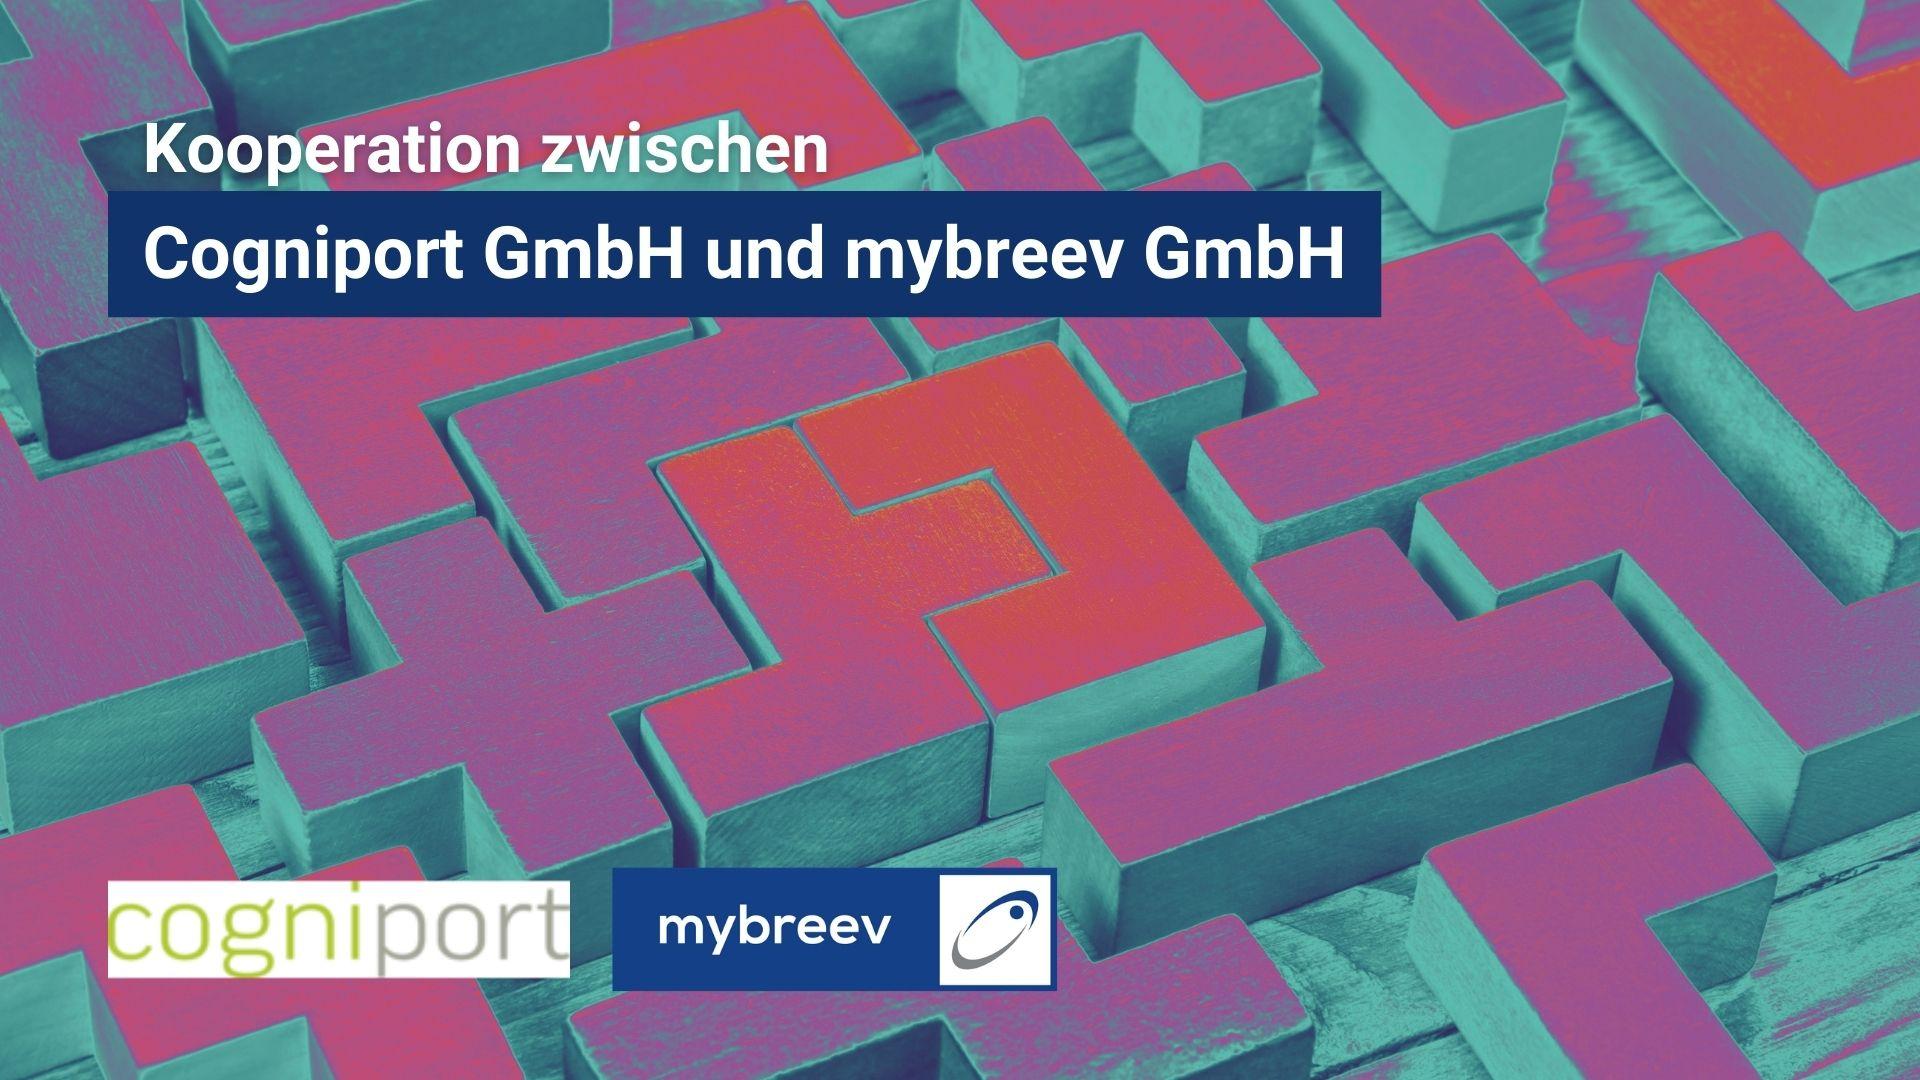 Kooperation zwischen Cogniport GmbH und mybreev GmbH